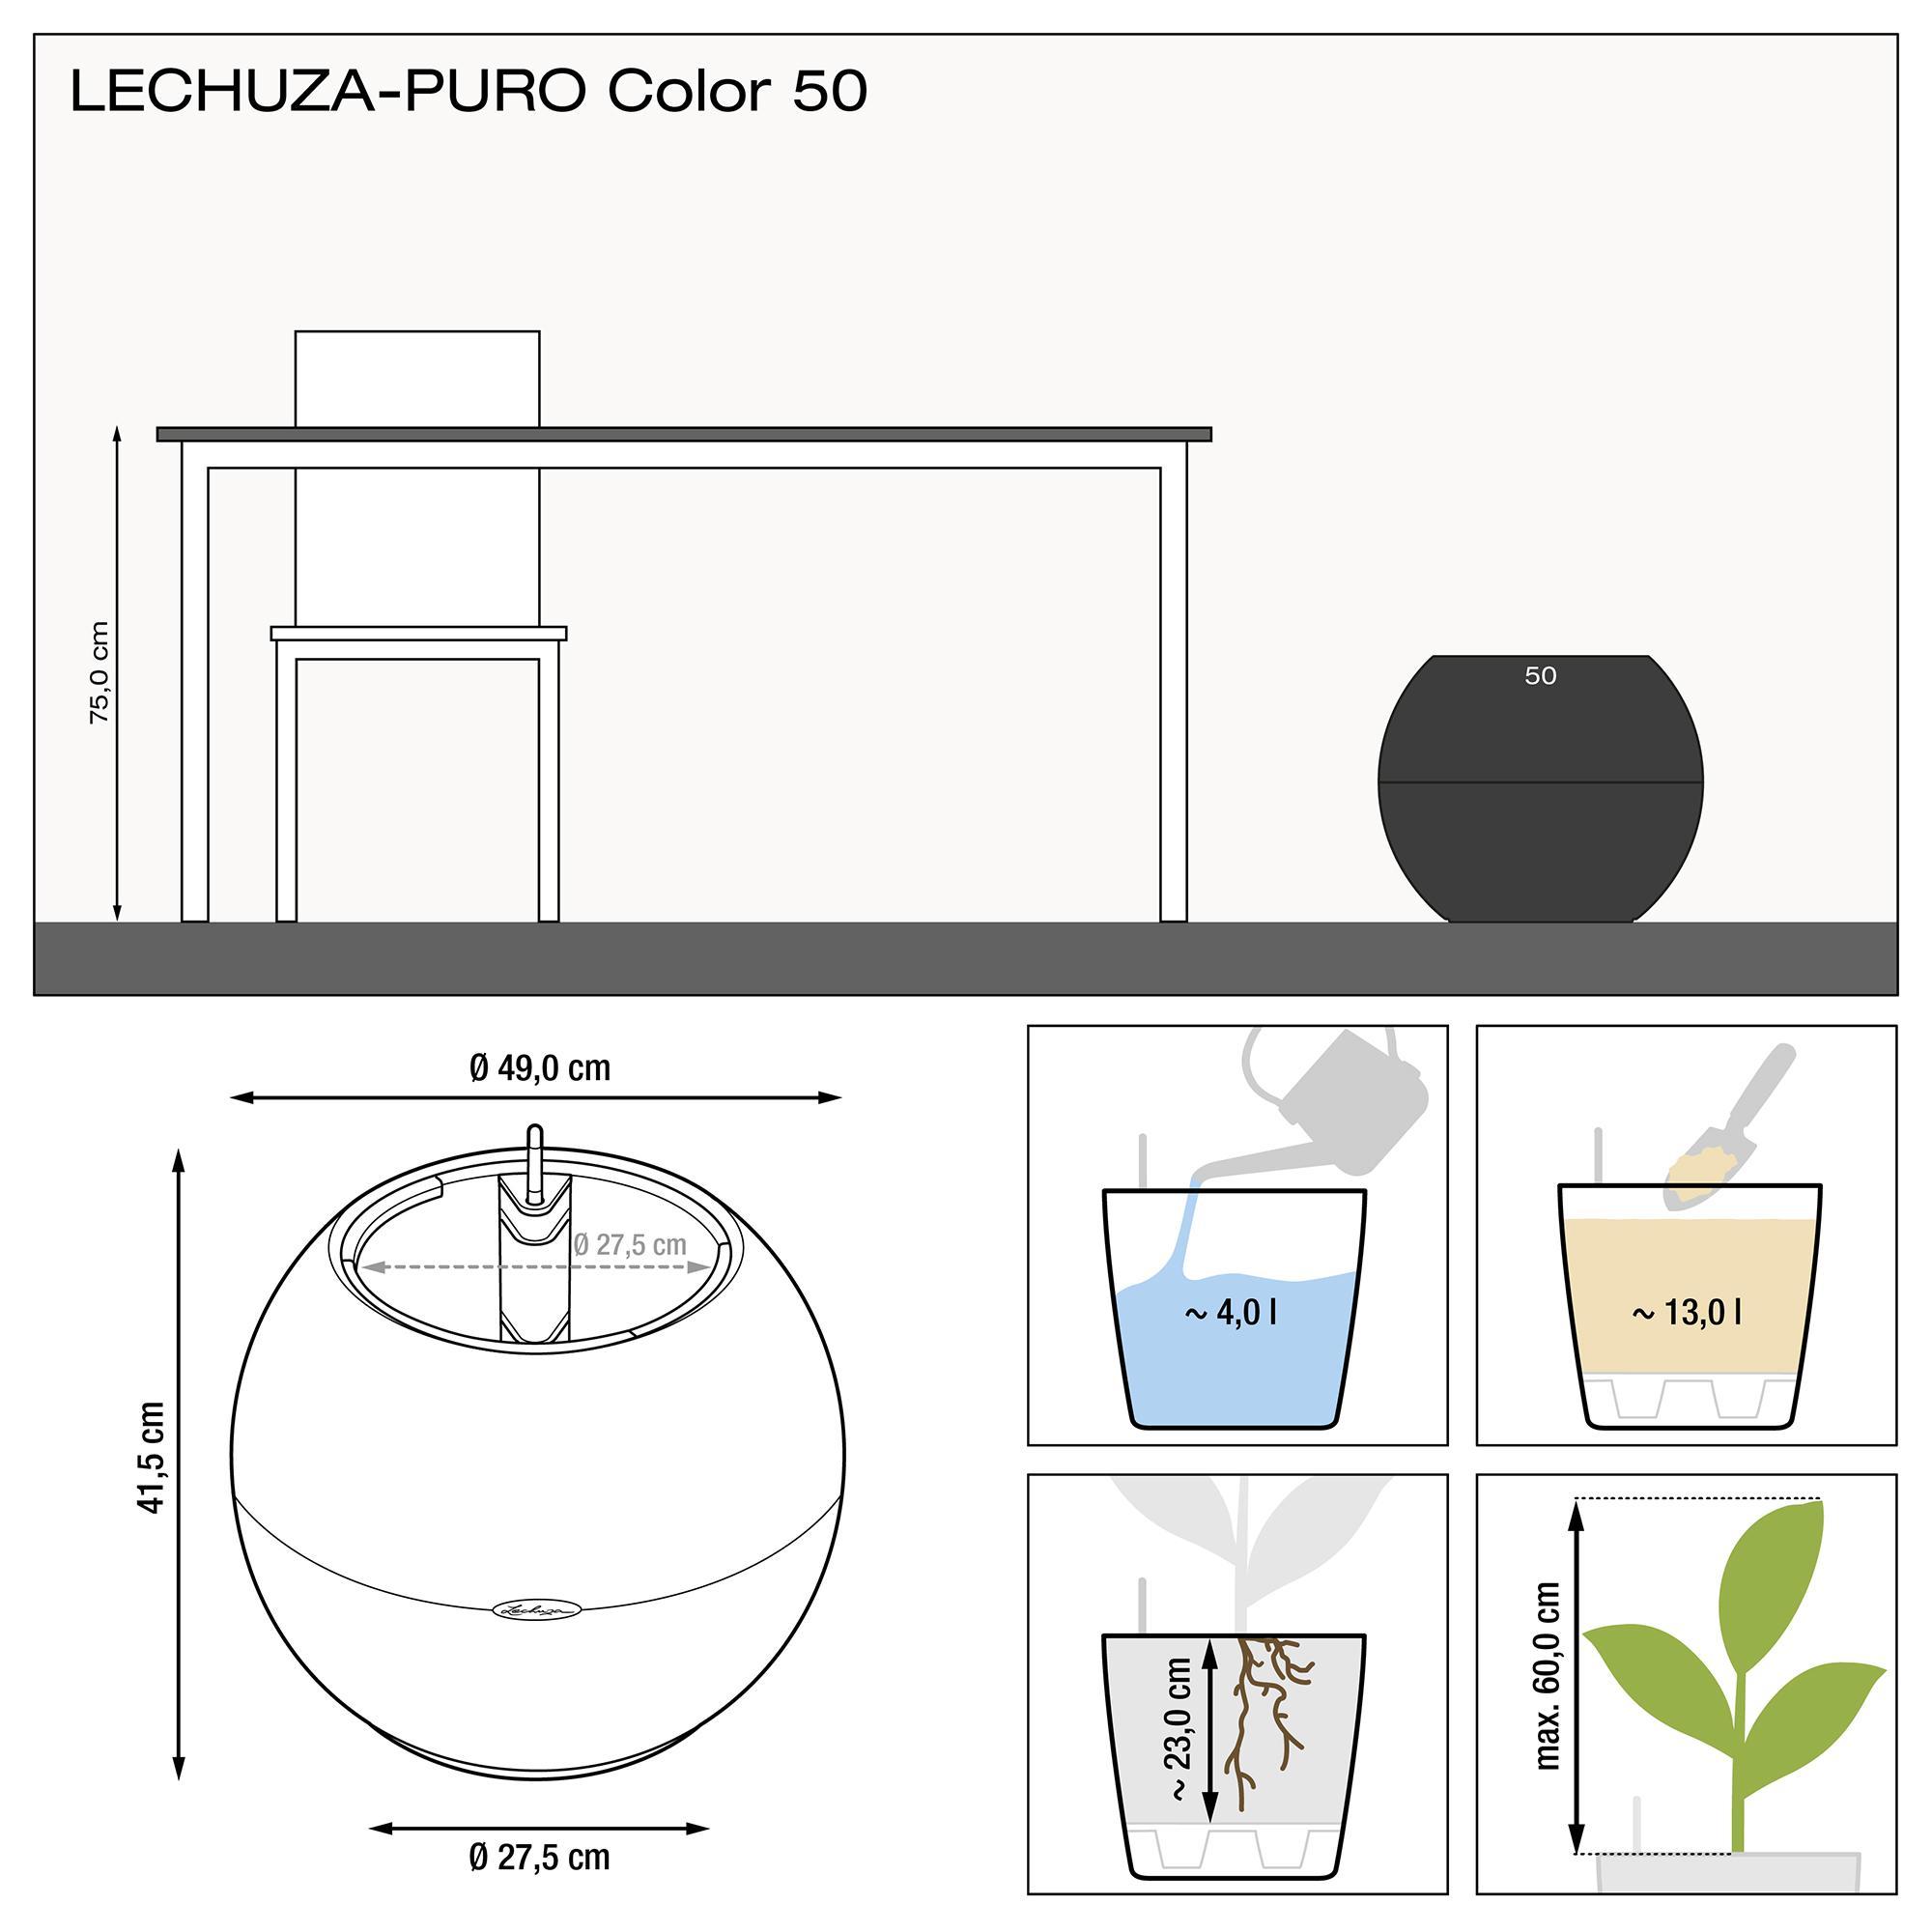 LECHUZA-PURO Color 50 white - Image 3